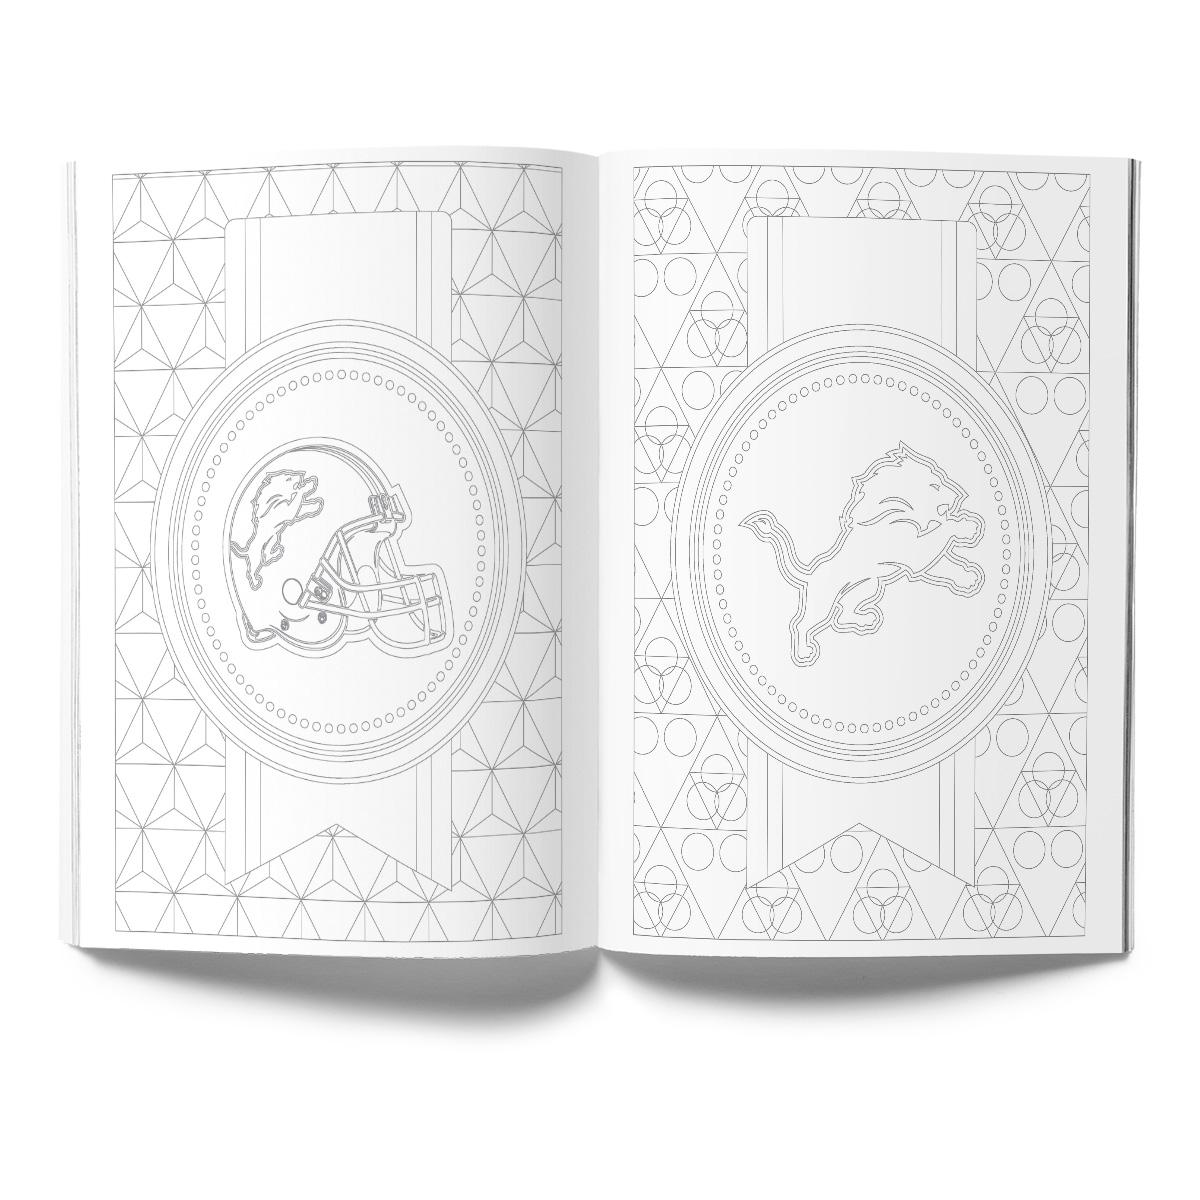 Detroit Lions Adult Coloring Book